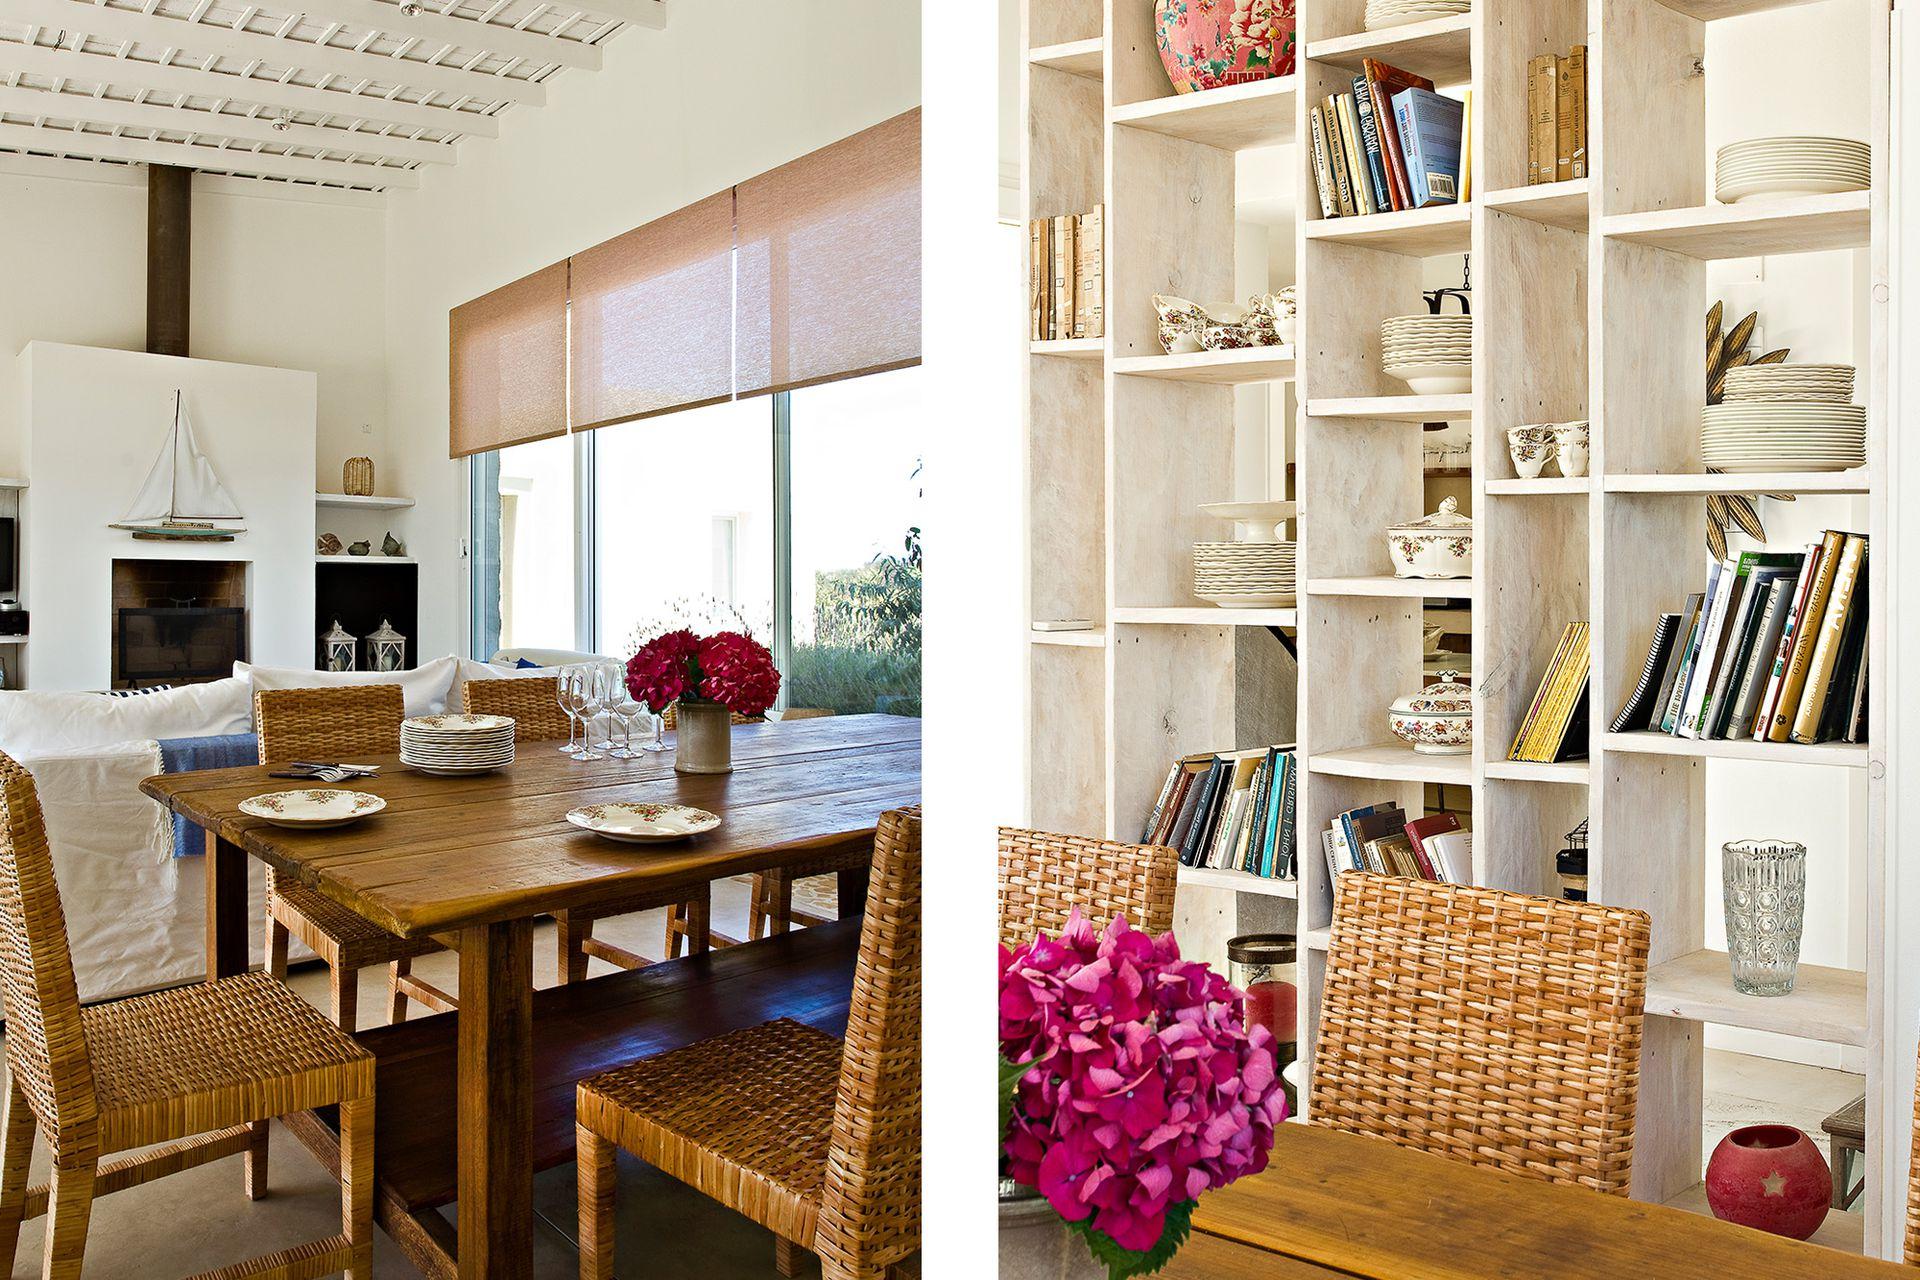 Para contrarrestar el blanco, cortinas de mimbre en color tostado. El mueble que marca una división sutil con su trama semitransparente y los de la cocina son obra del Estudio.